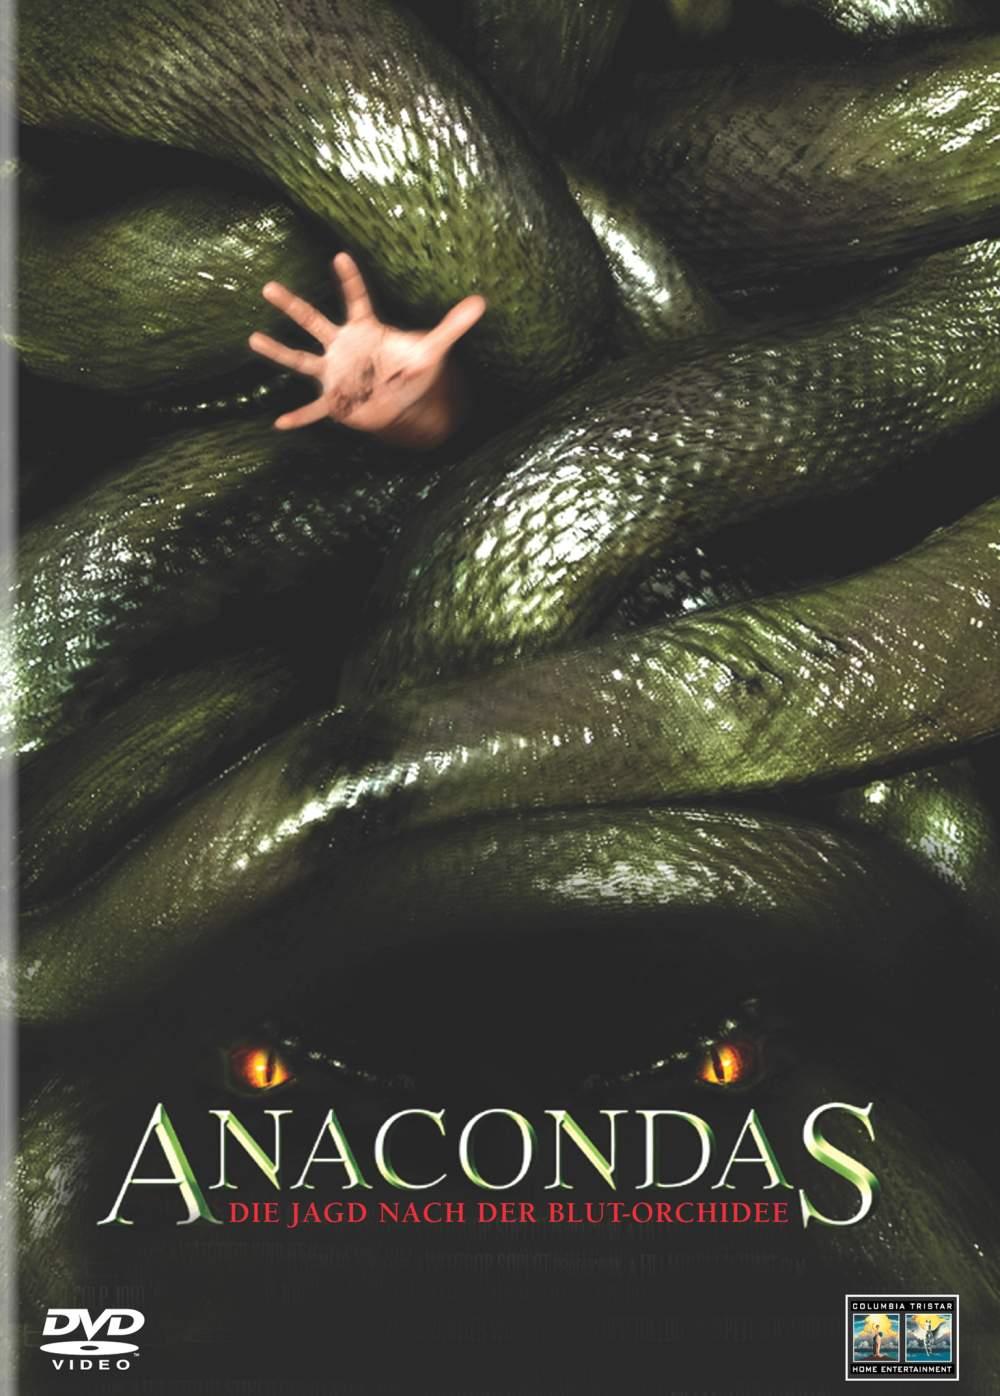 Anacondas Die Jagd Nach Der Blut-Orchidee